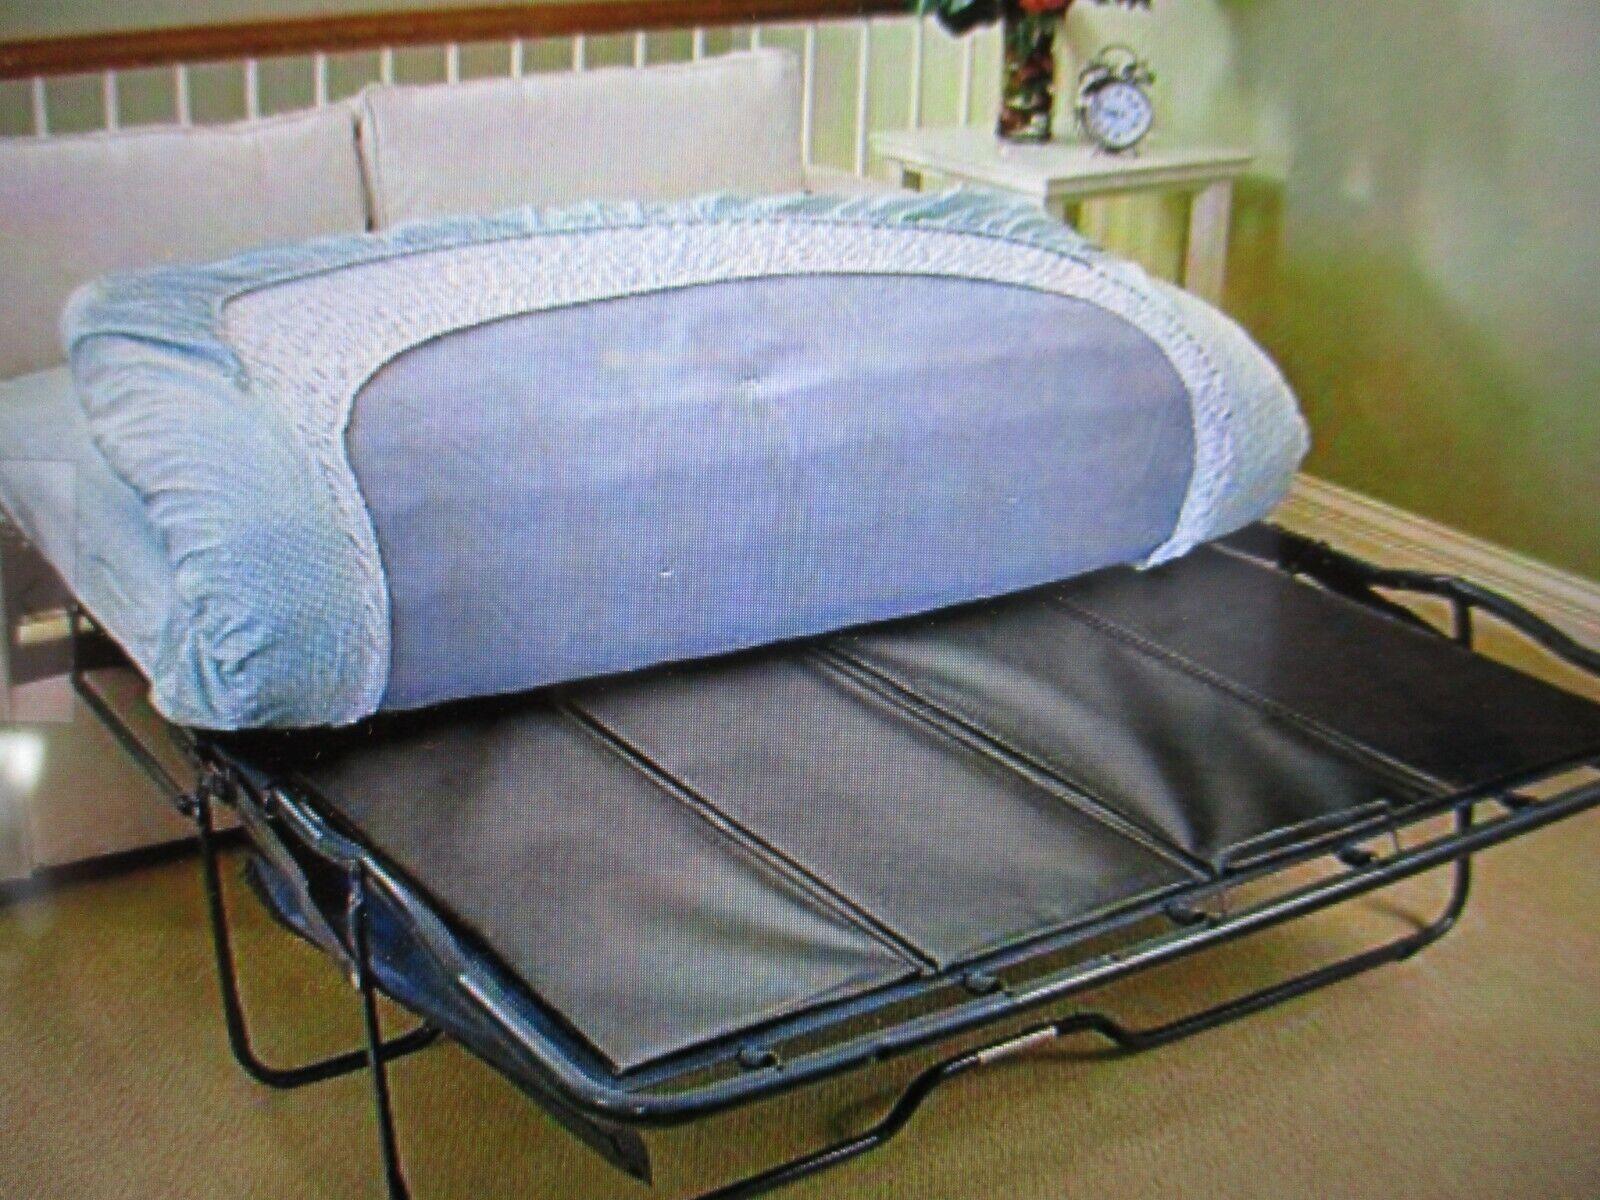 - Broyhill Cambridge Queen Sleeper Sofa For Sale Online EBay